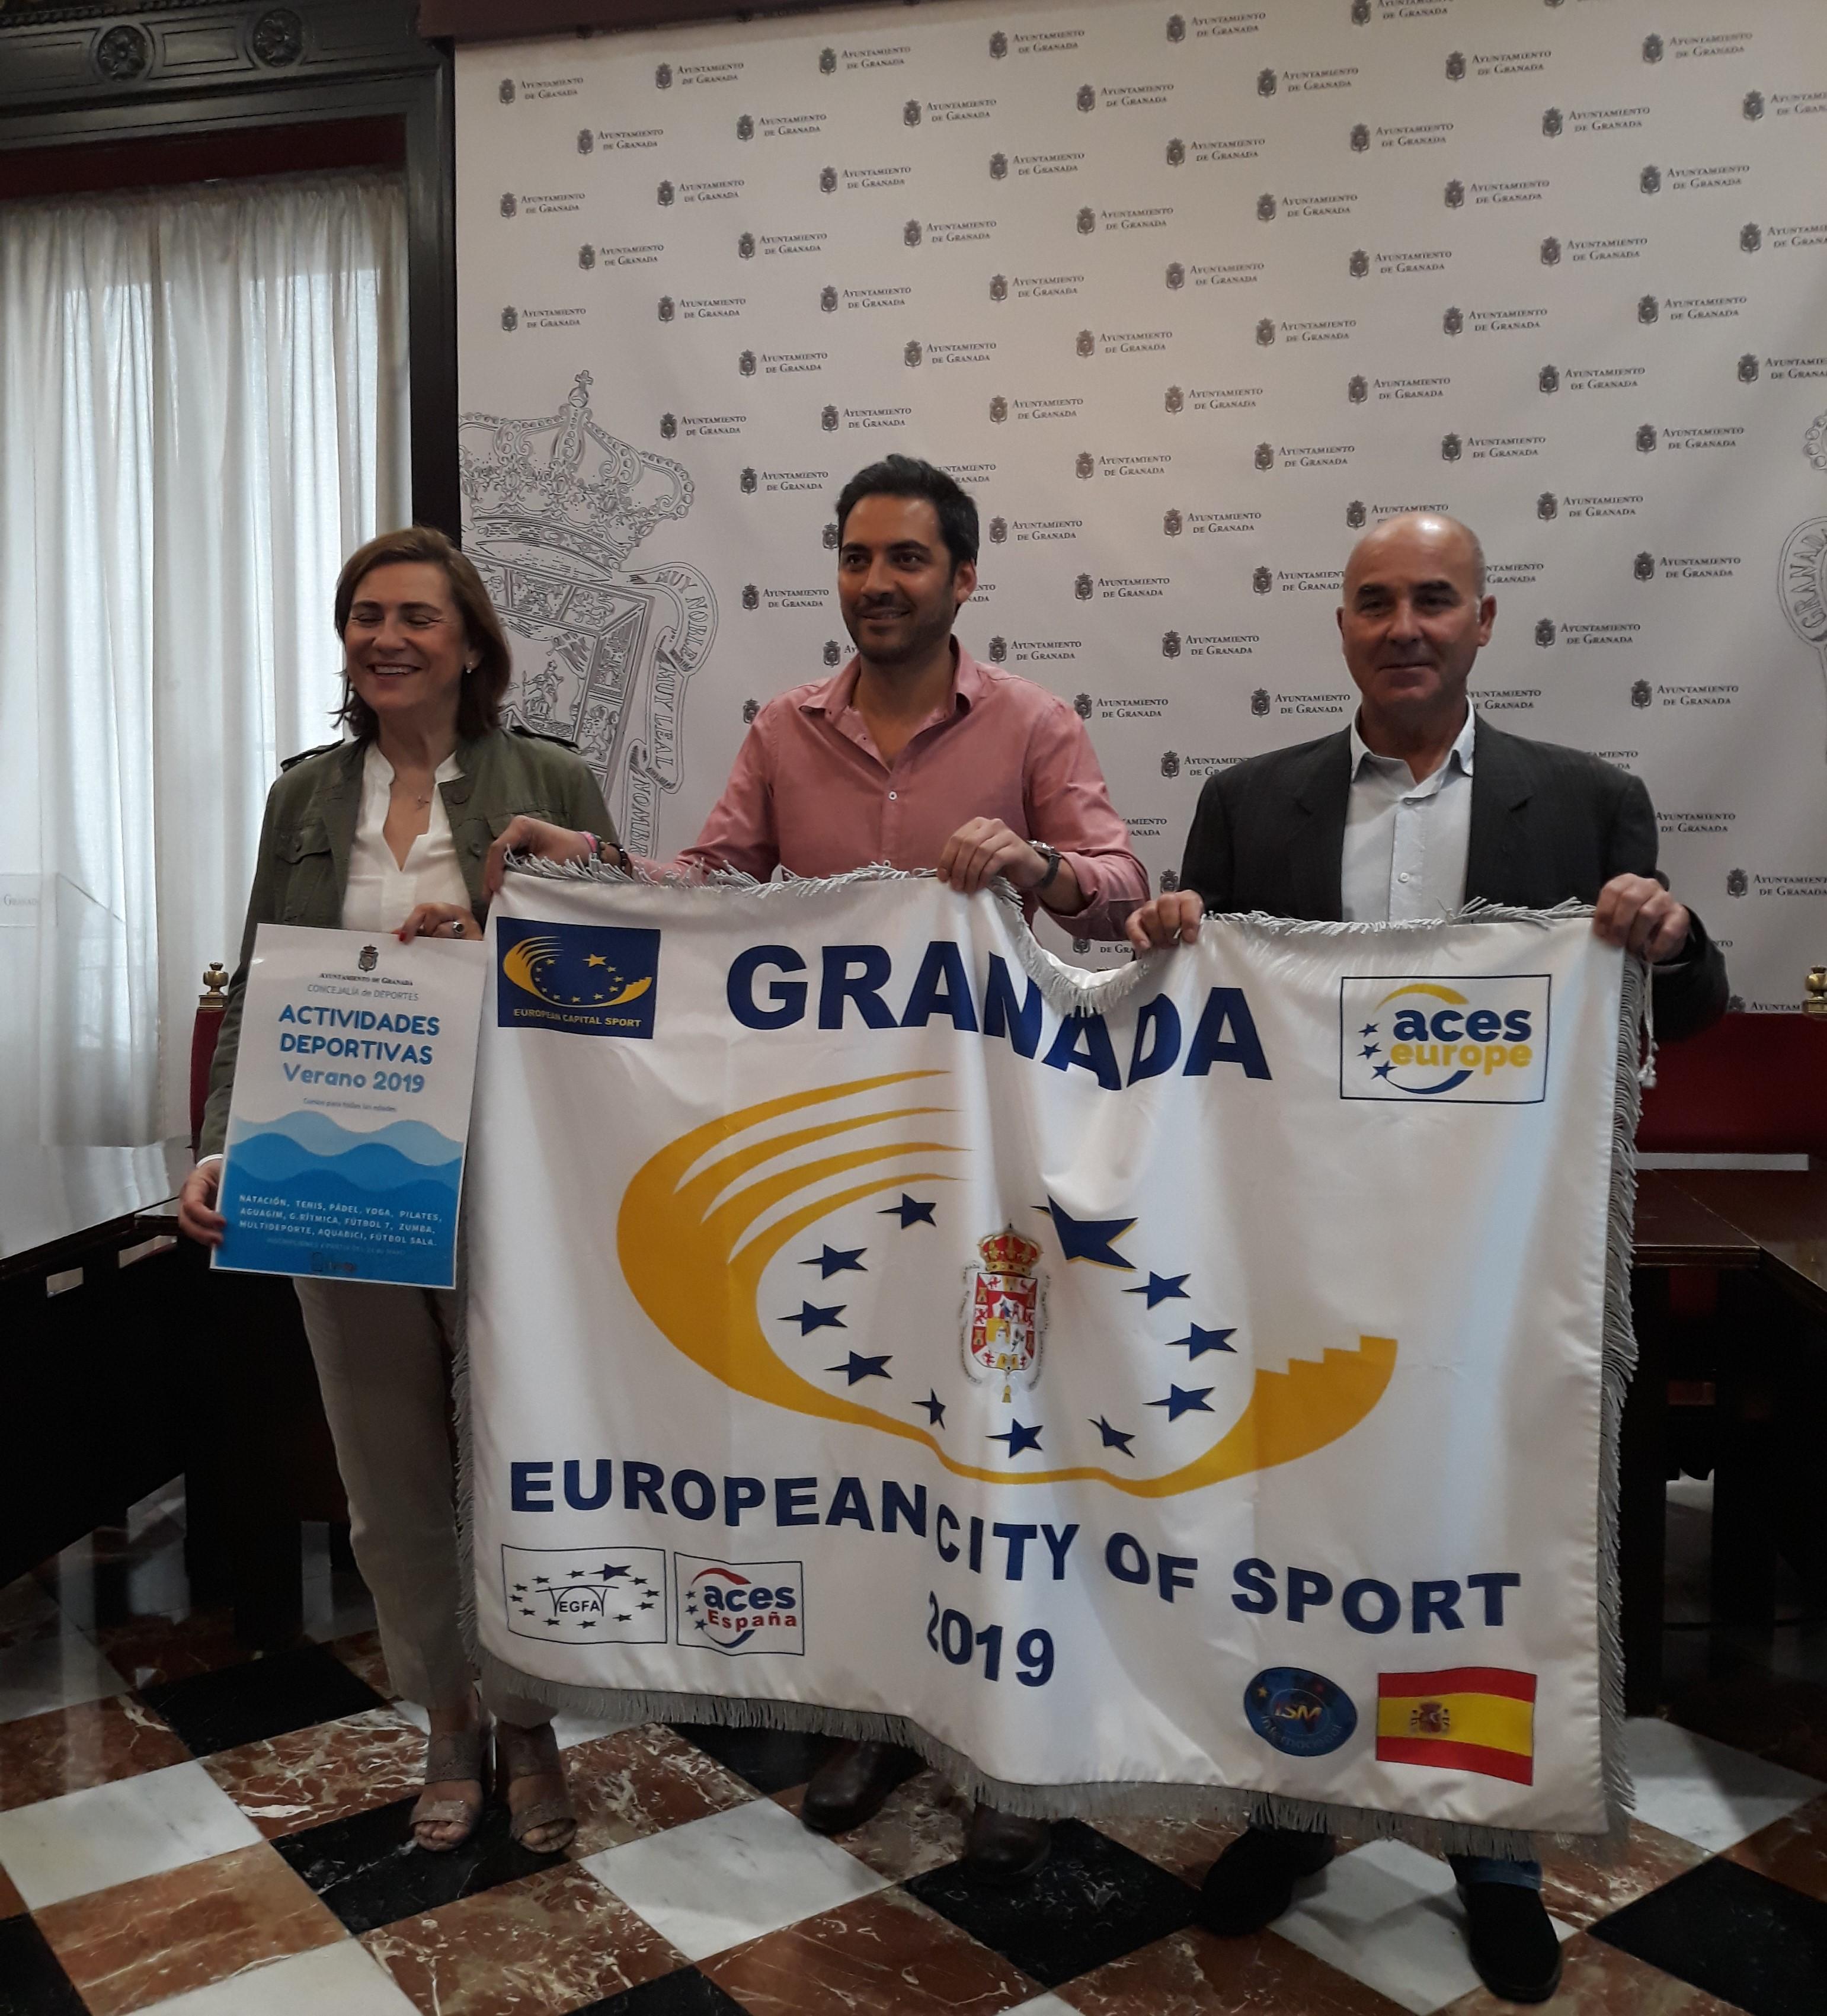 Granada, ciudad europea del deporte, ya tiene programa deportivo para este verano